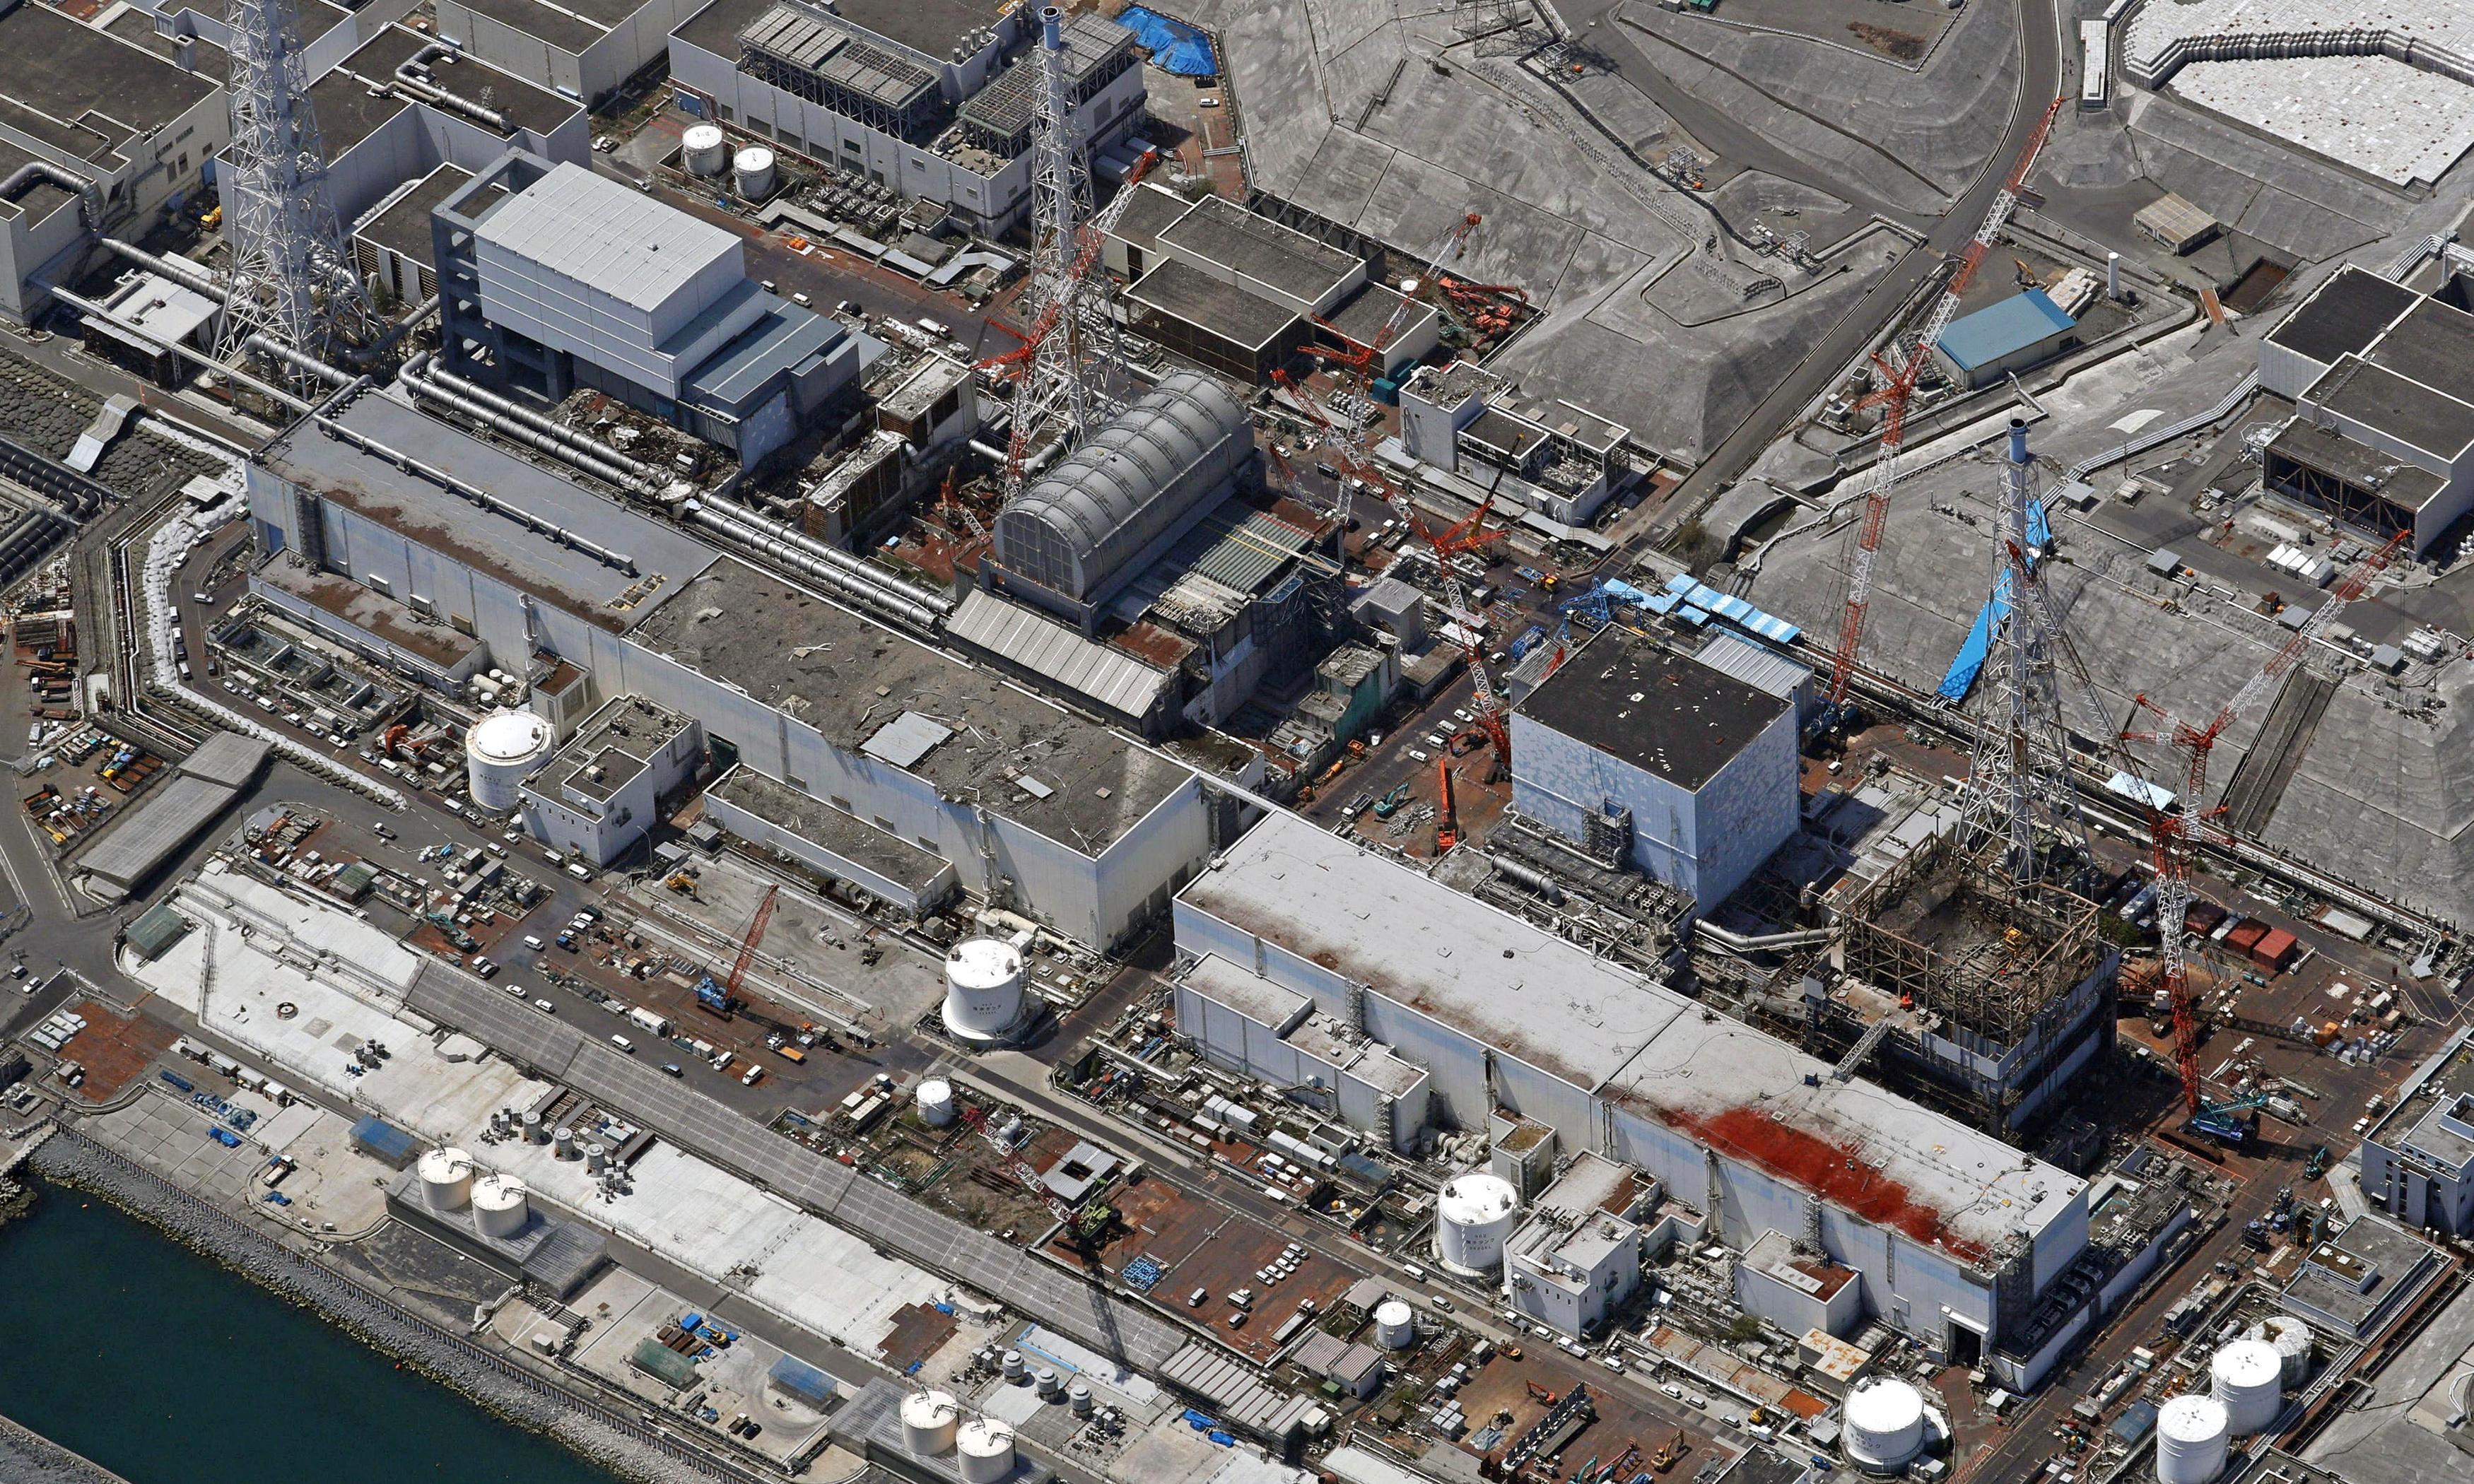 Radiation hotspots 'found near Fukushima Olympic site'